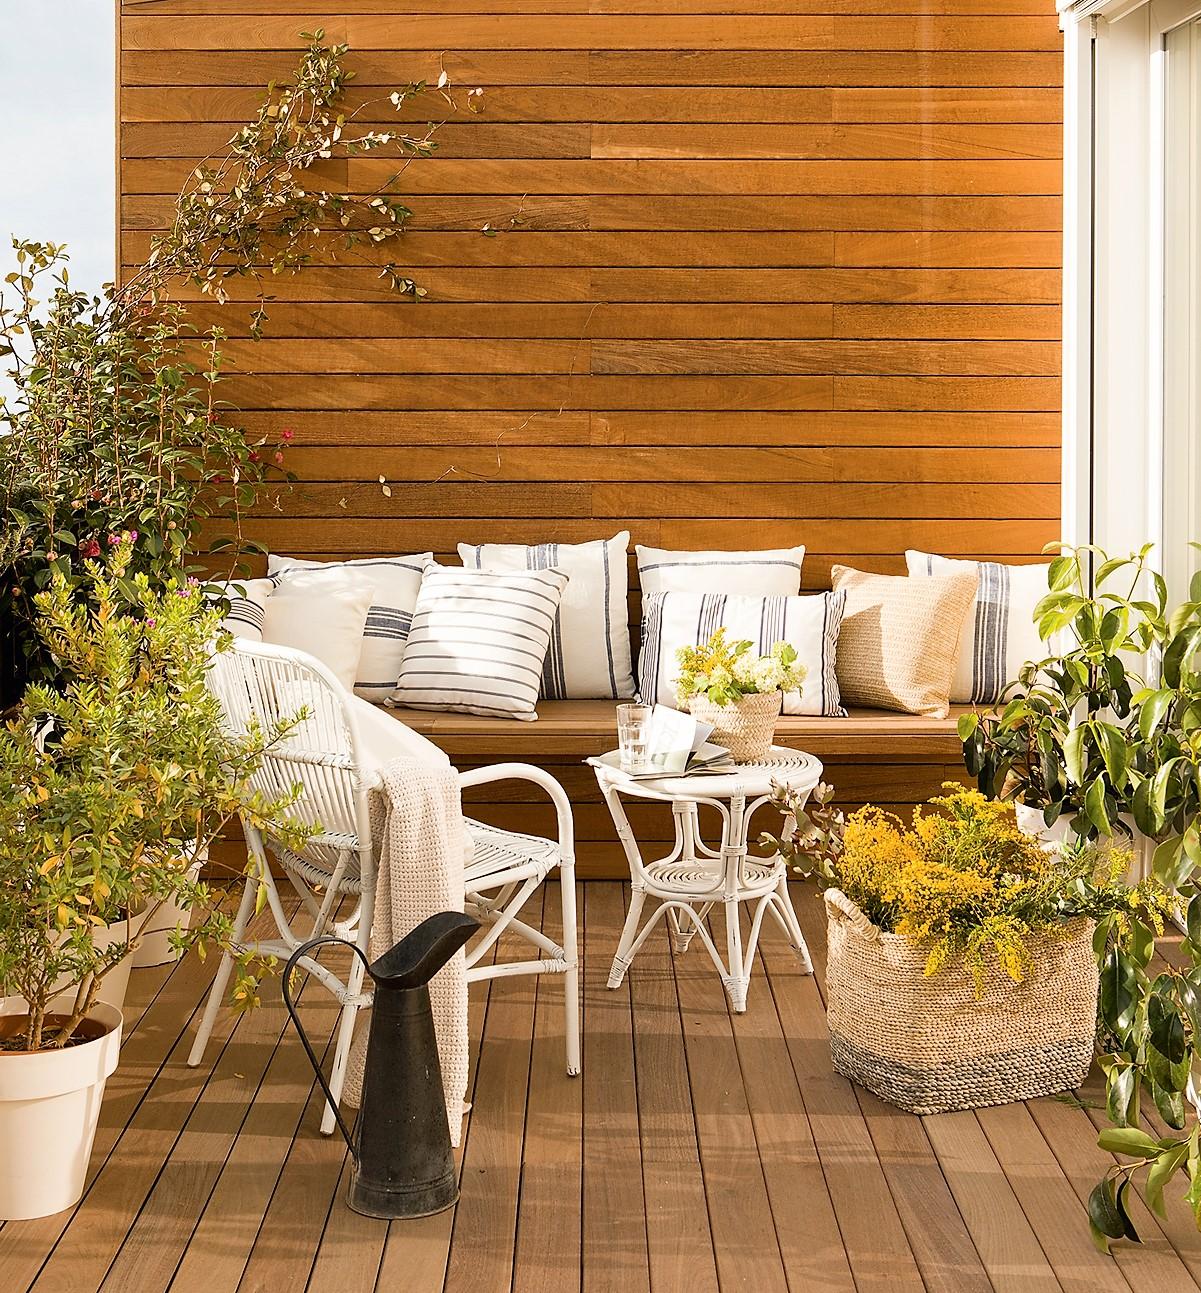 Diseño-terraza-con-madera-ipe